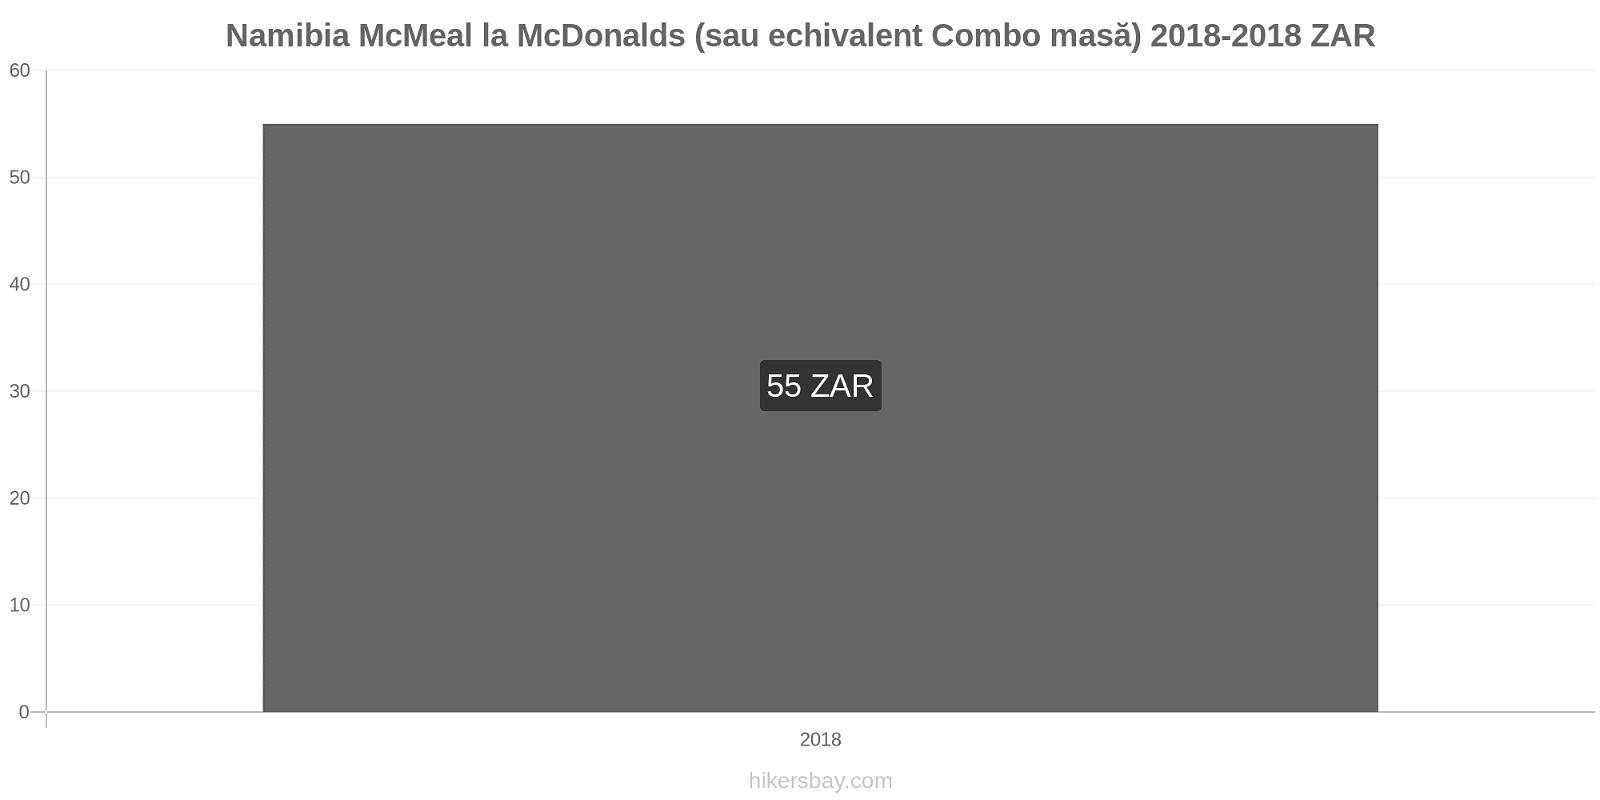 Namibia modificări de preț McMeal la McDonalds (sau echivalent Combo masă) hikersbay.com